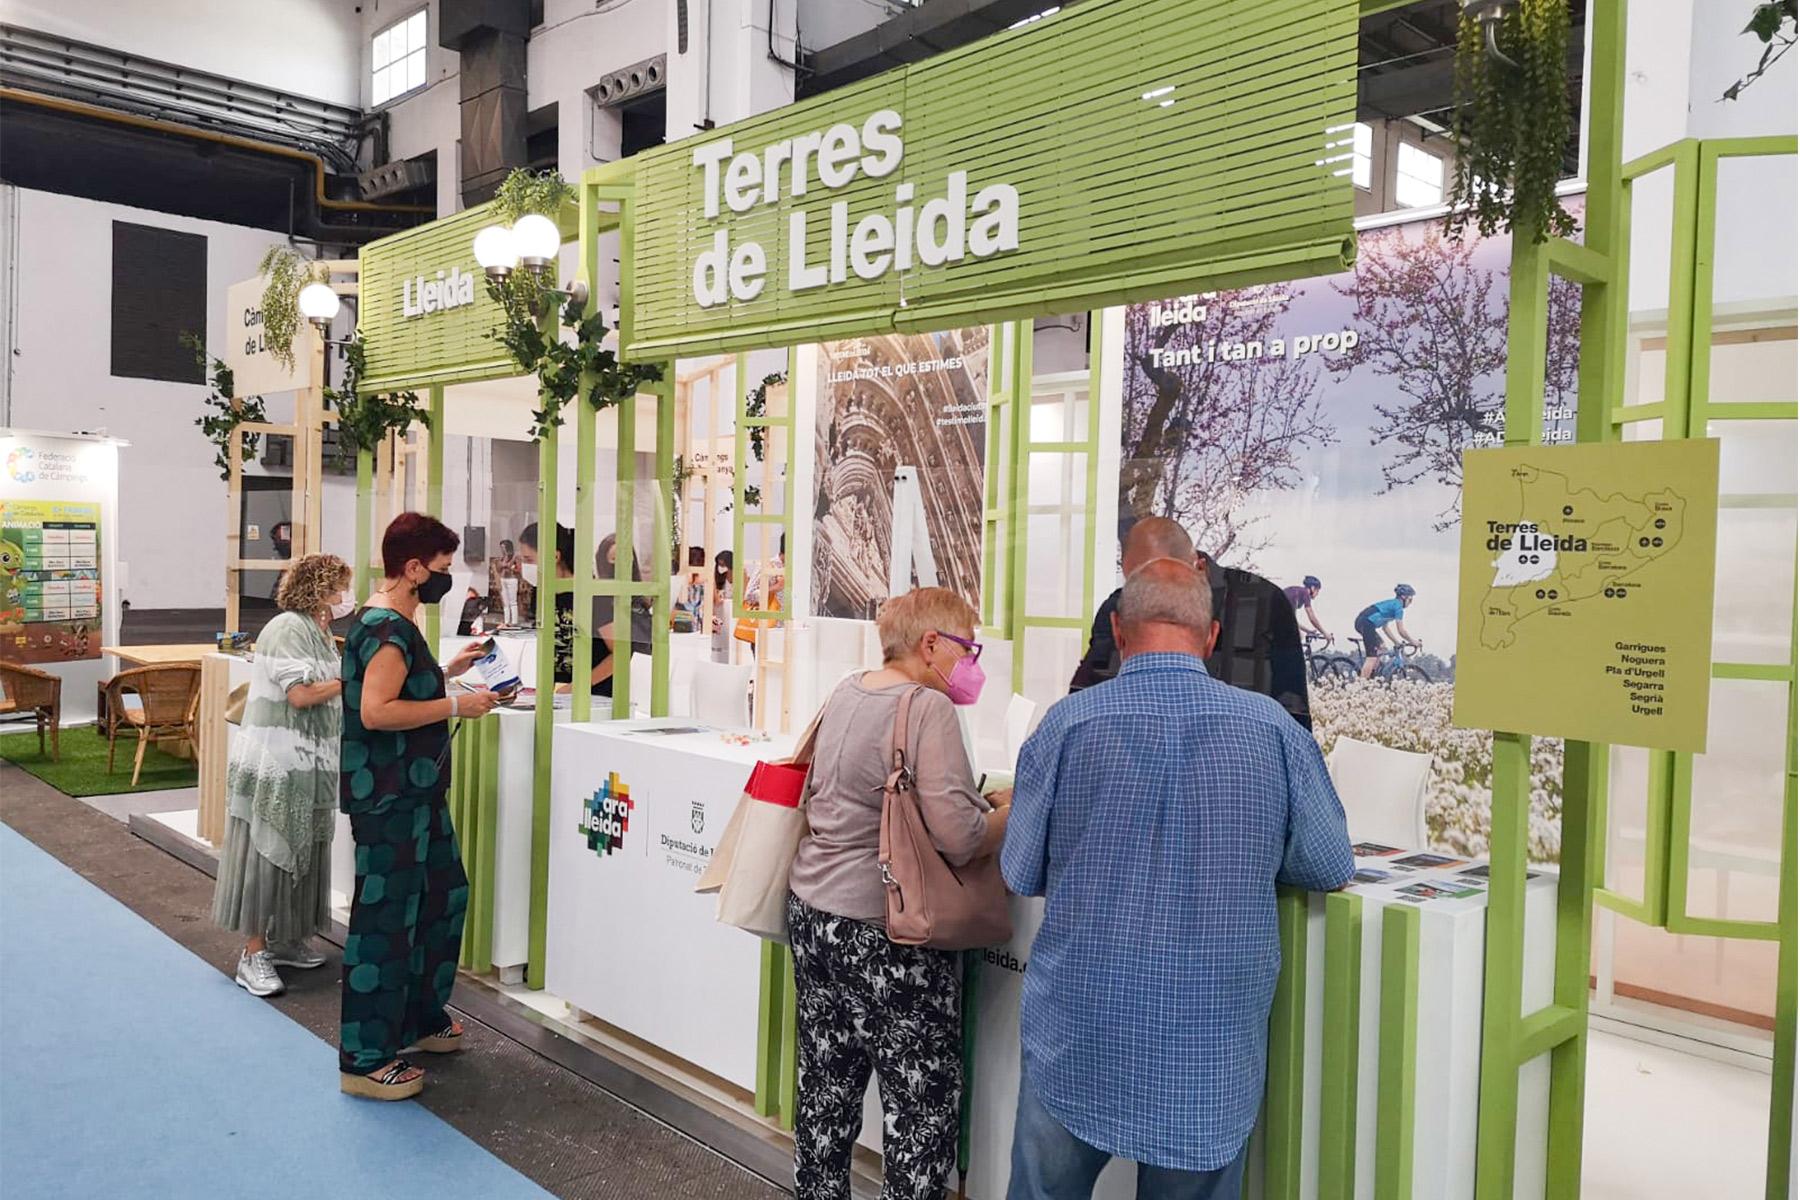 El Patronat de Turisme de la Diputació de Lleida va participar al saló B-Travel de Barcelona, apostant per la seva oferta de turisme natural i sostenible per al públic de proximitat